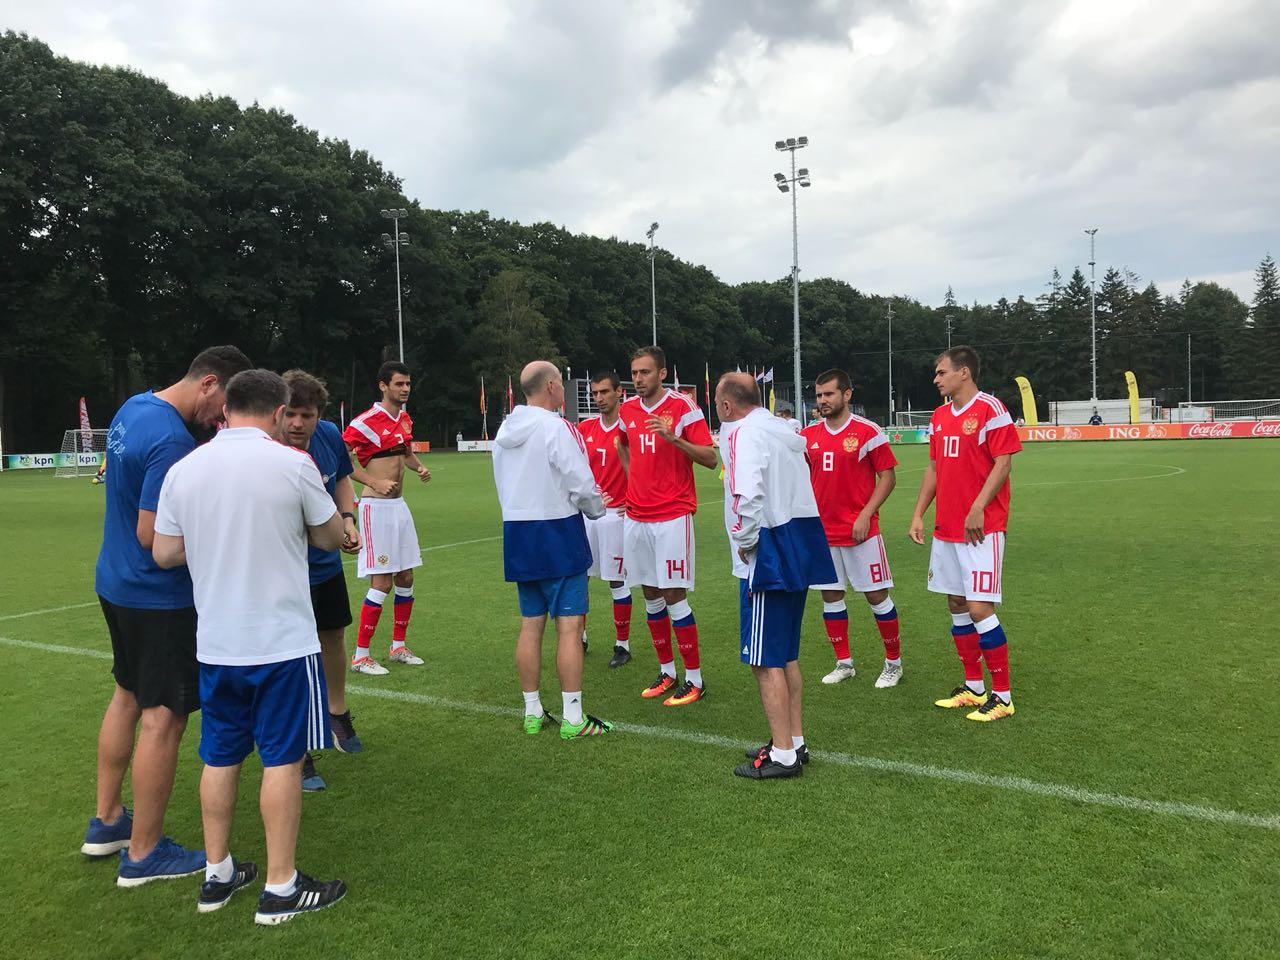 Сборная команда России выиграла у сборной Англии со счетом 1-0 во втором матче на чемпионате Европы по футболу 7х7 спорта лиц с заболеванием ЦП в Нидерландах